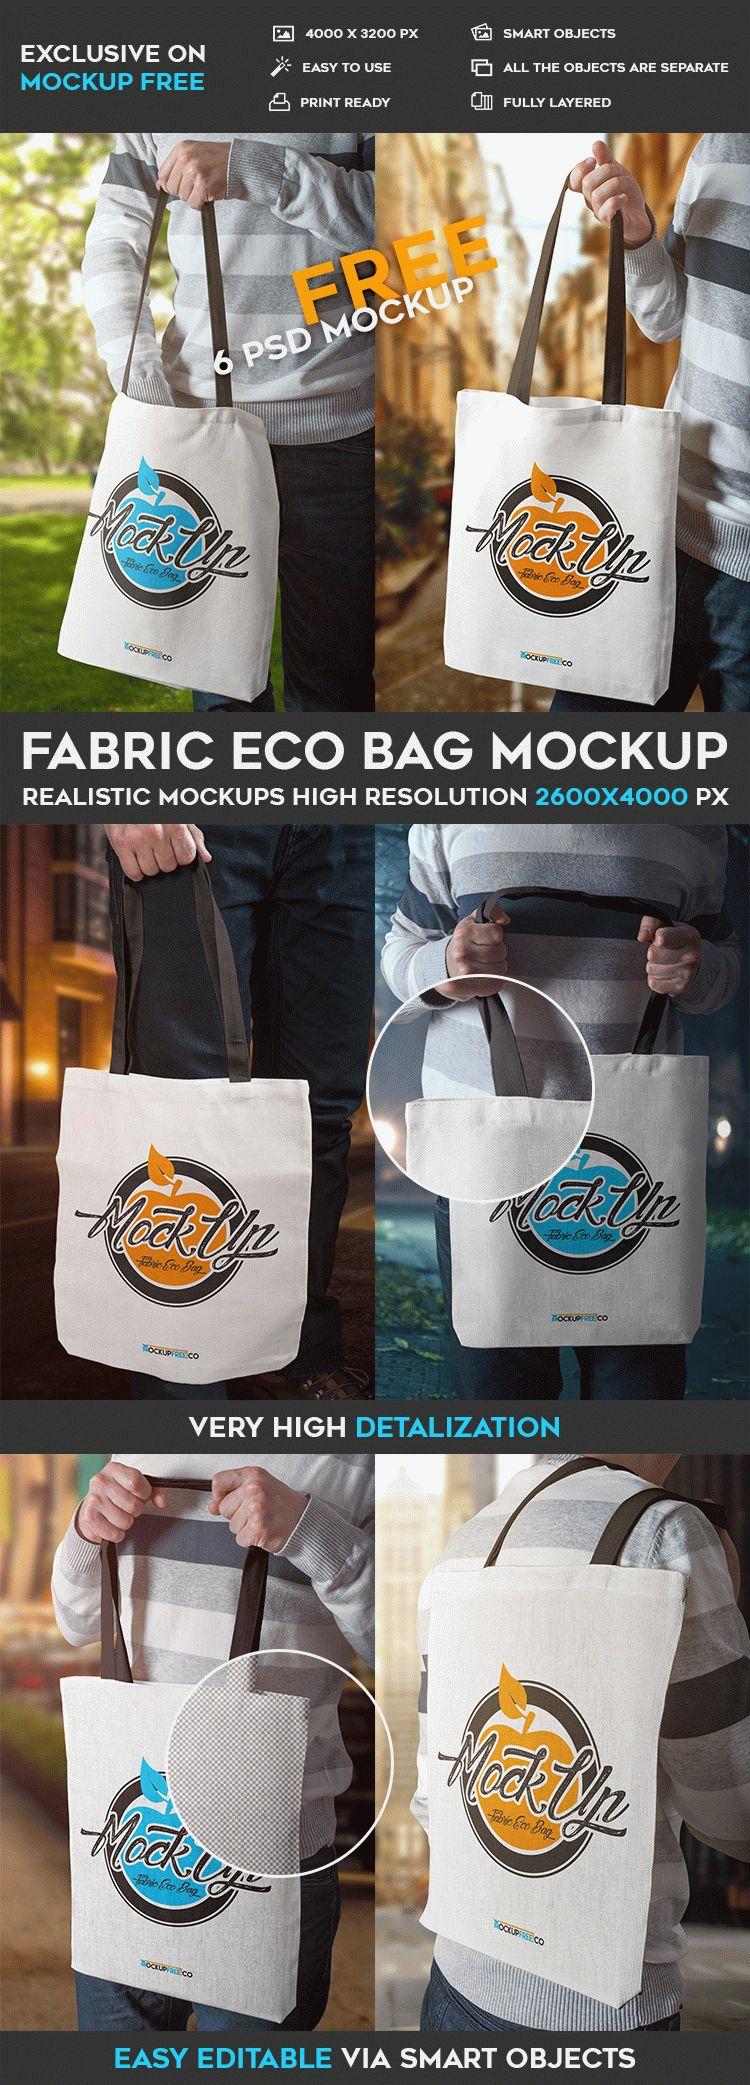 Fabric Eco Bag - 6 Free PSD Mockups